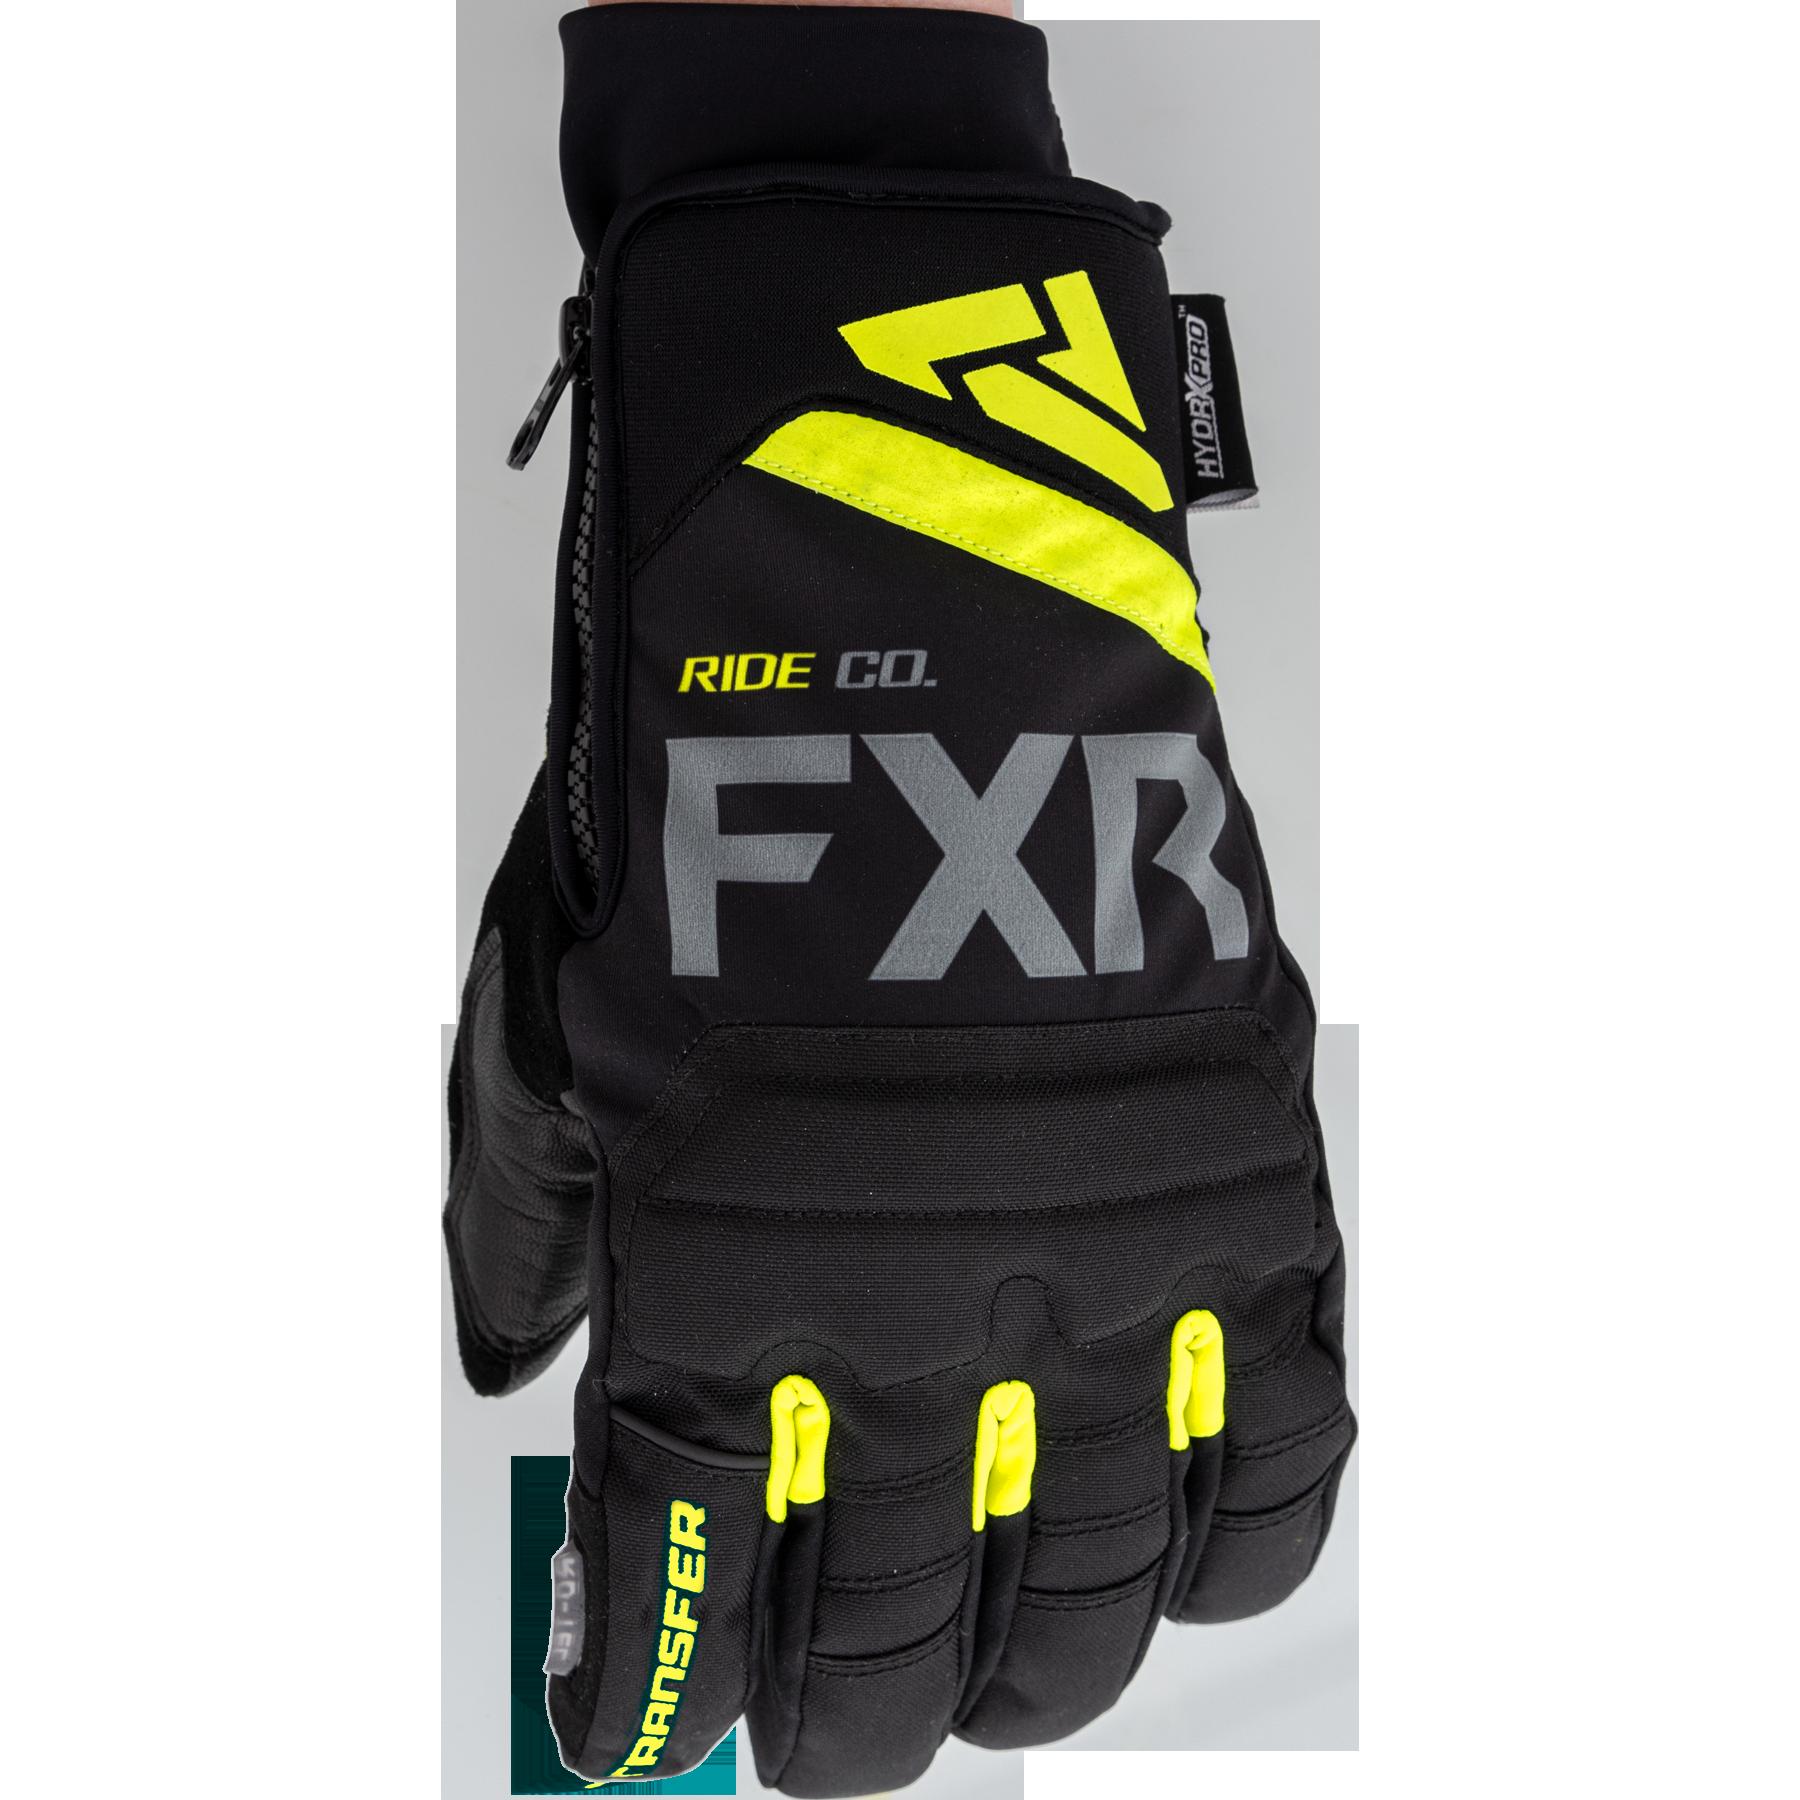 Transfer Short Cuff Glove 22 KI 6